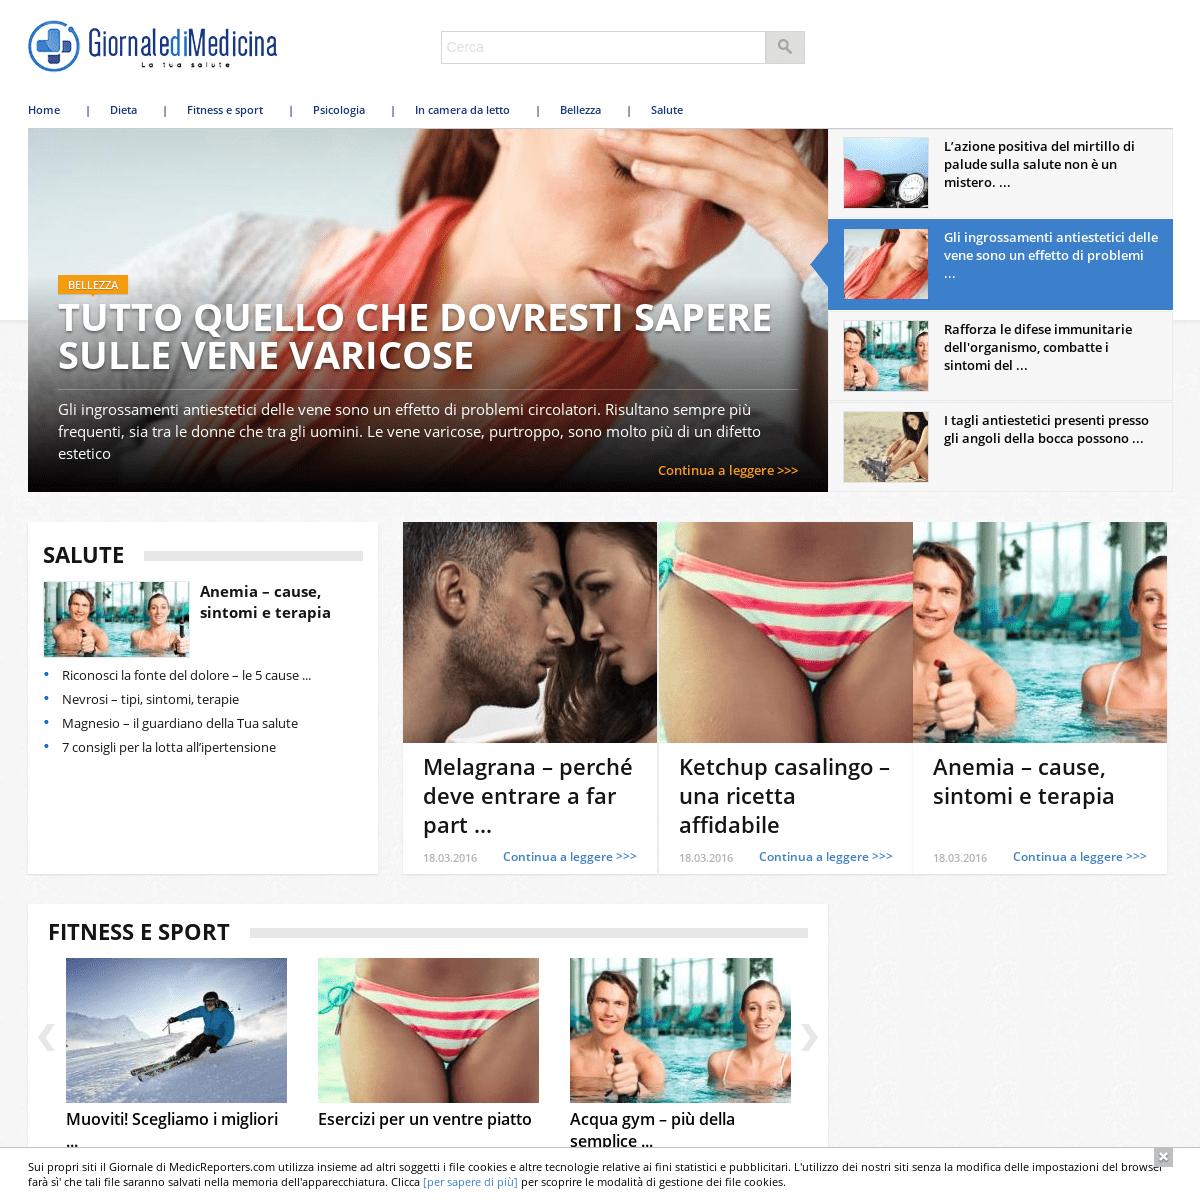 Giornale di Medicina – portale medico divulgativo, dedicato alla salute